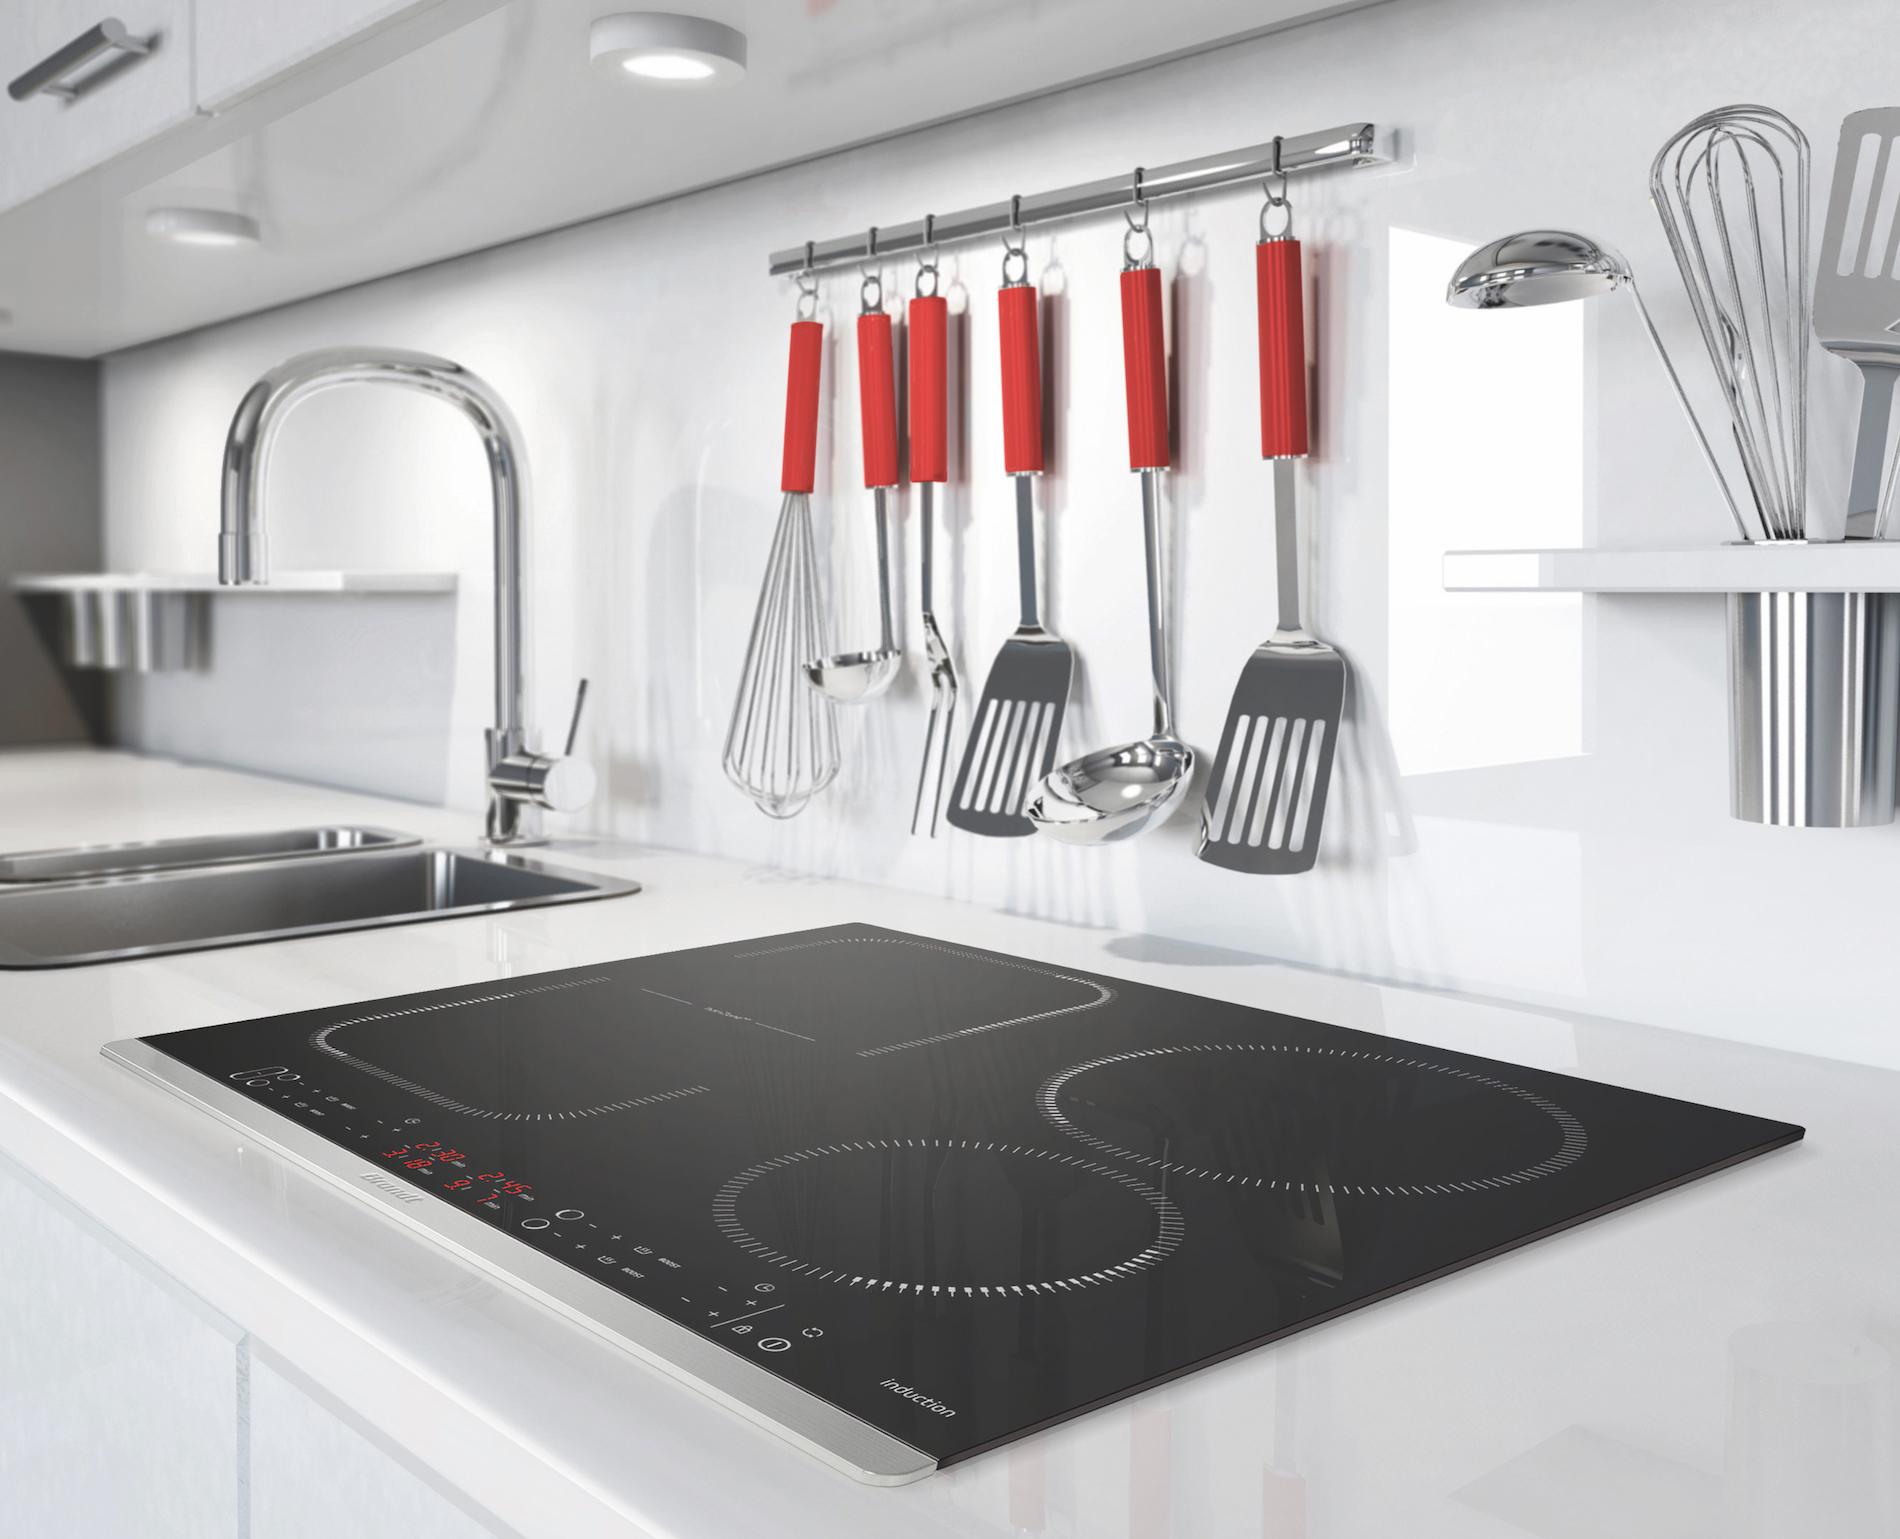 Wikibrandt consejos para una cocina segura for Consejos de cocina